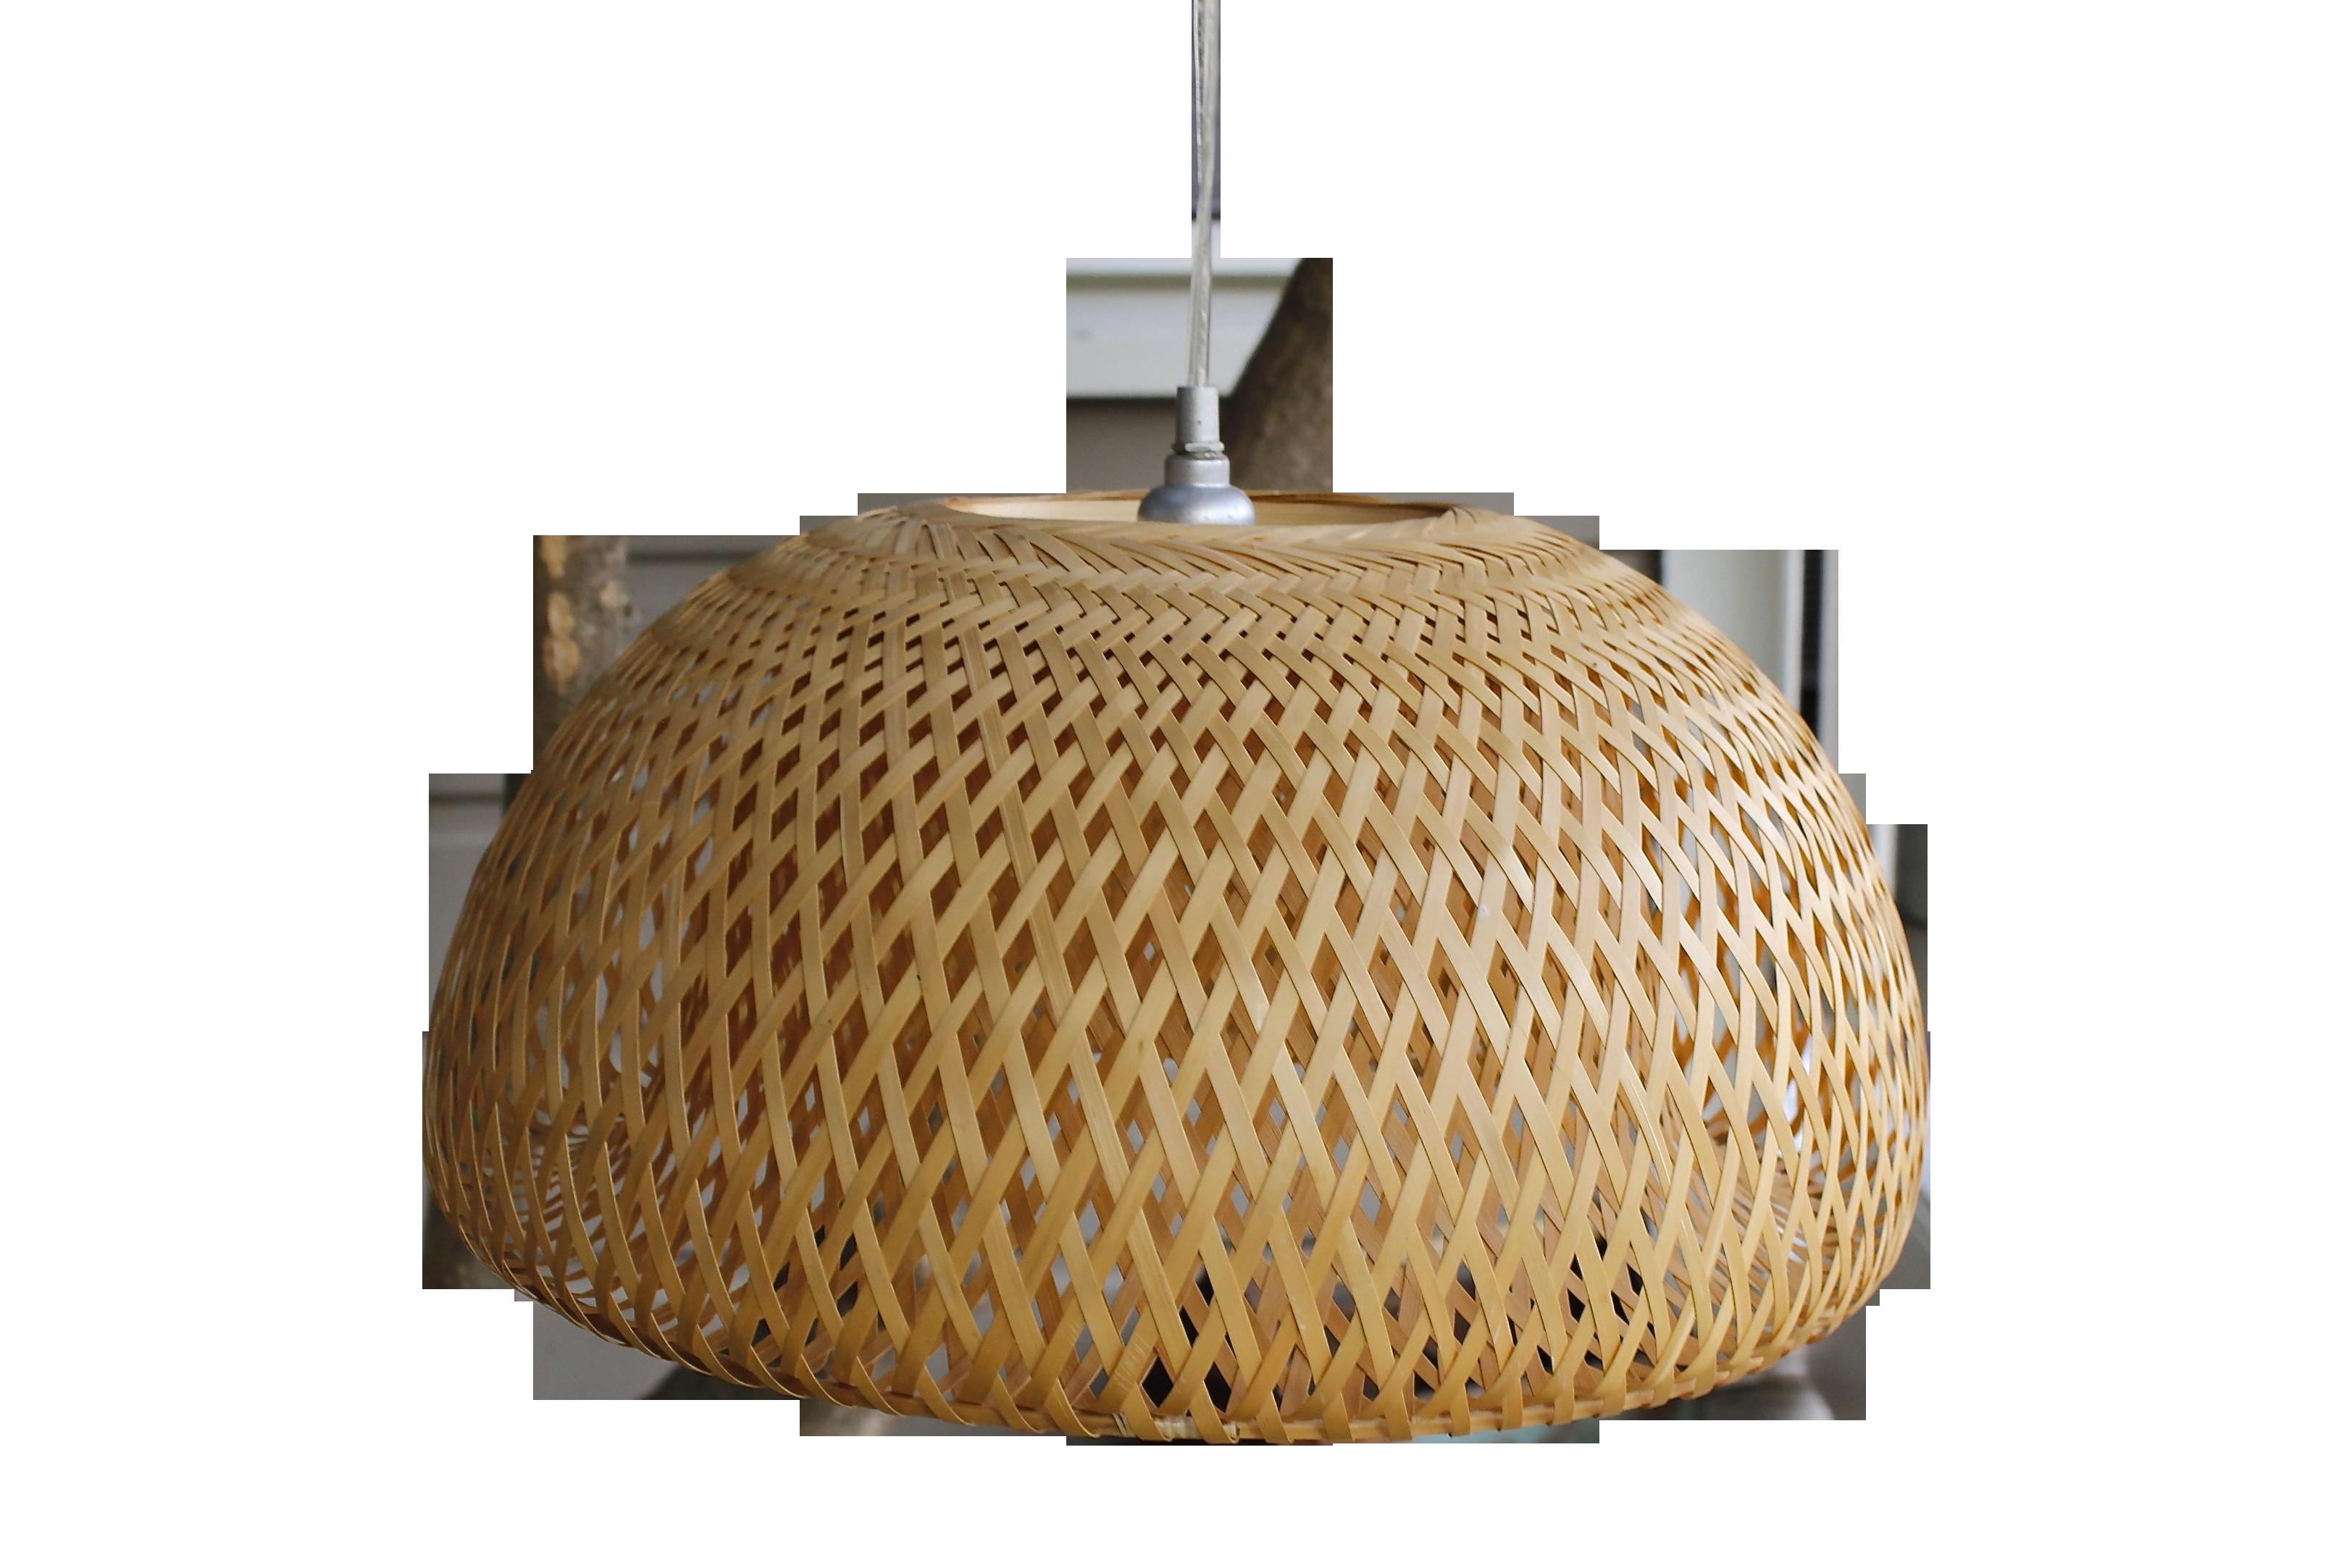 wicker pendant lamp | Home*goods | Pinterest | Pendant ...